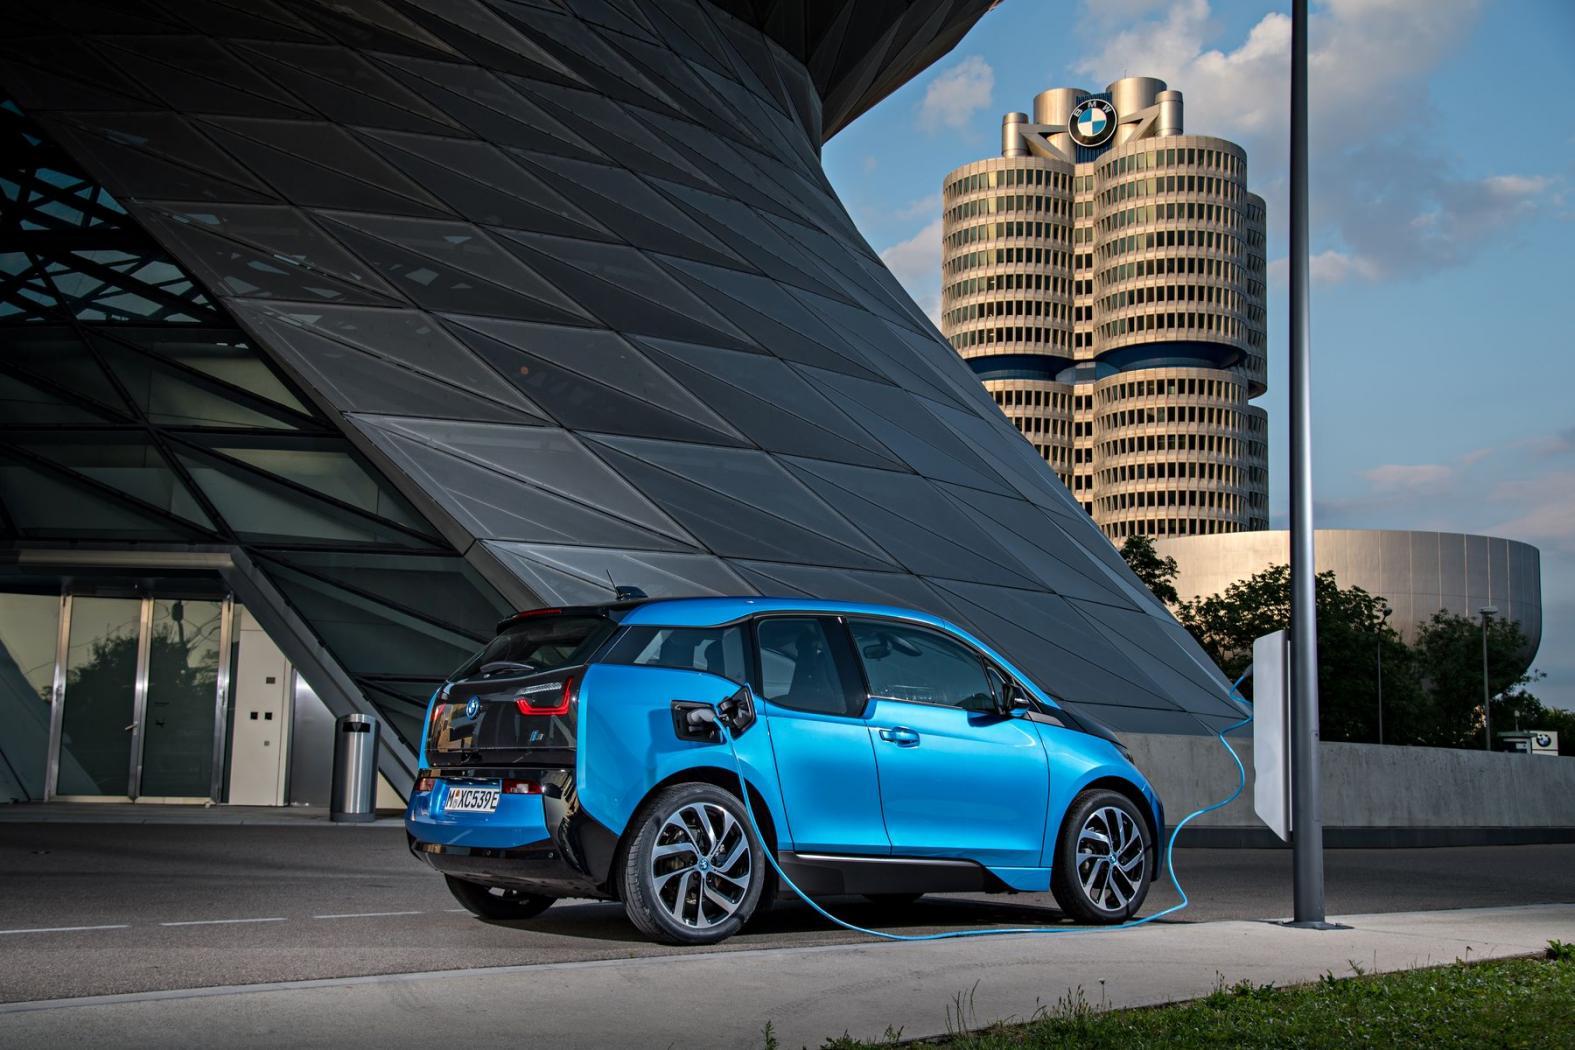 Autonomie-BMW-i3-5.jpeg